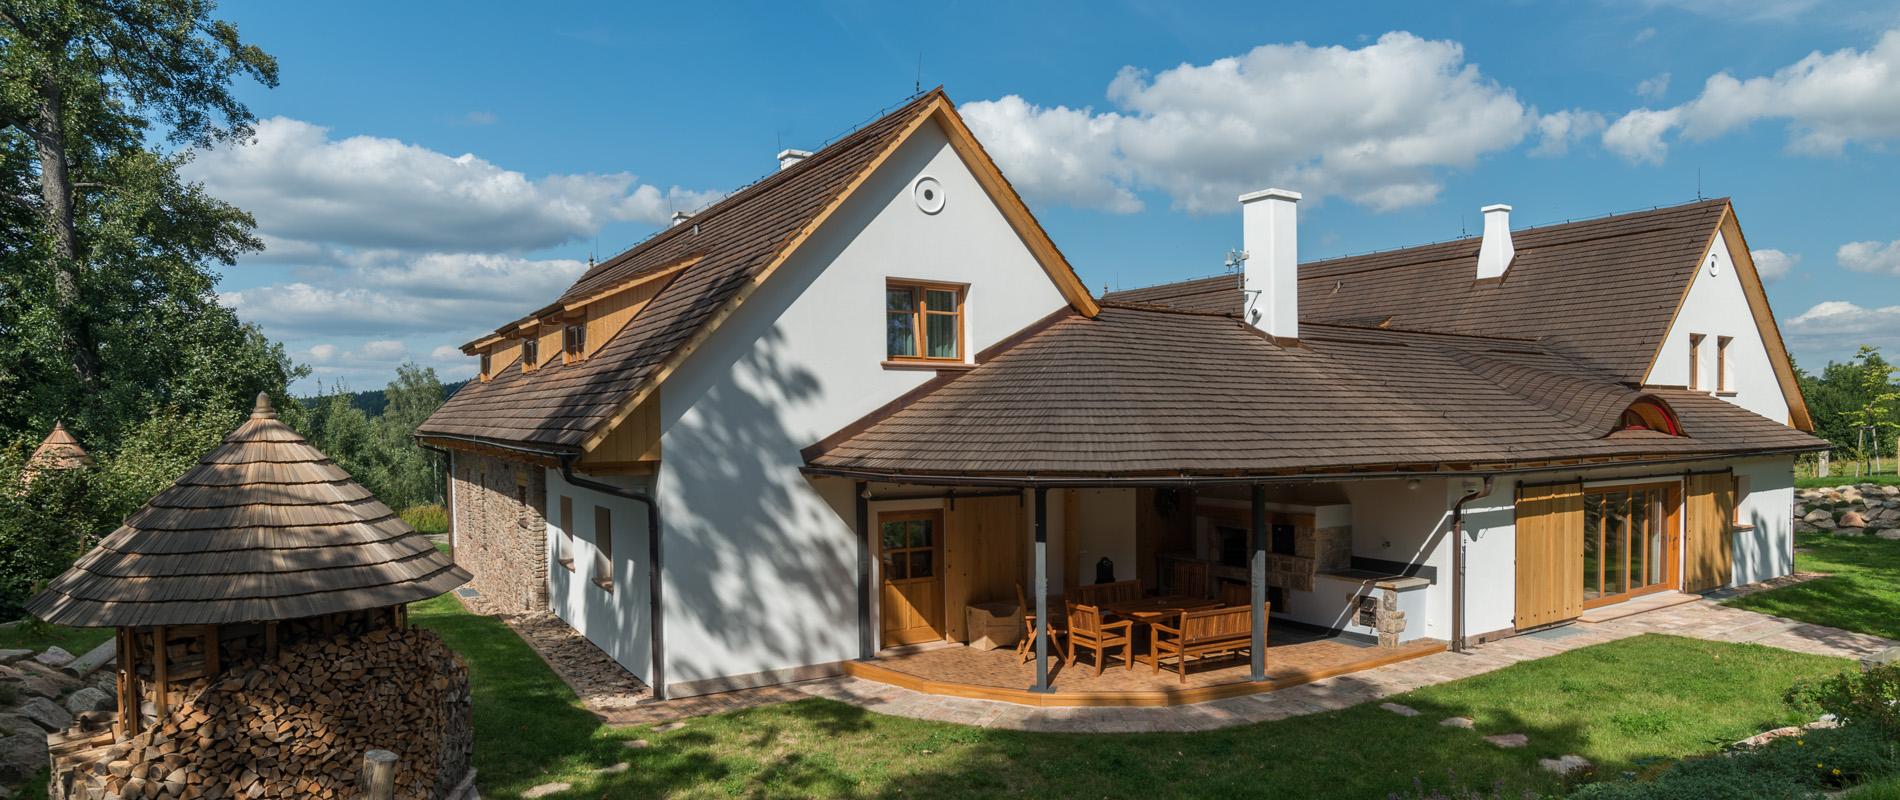 Dům ve venkovském stylu